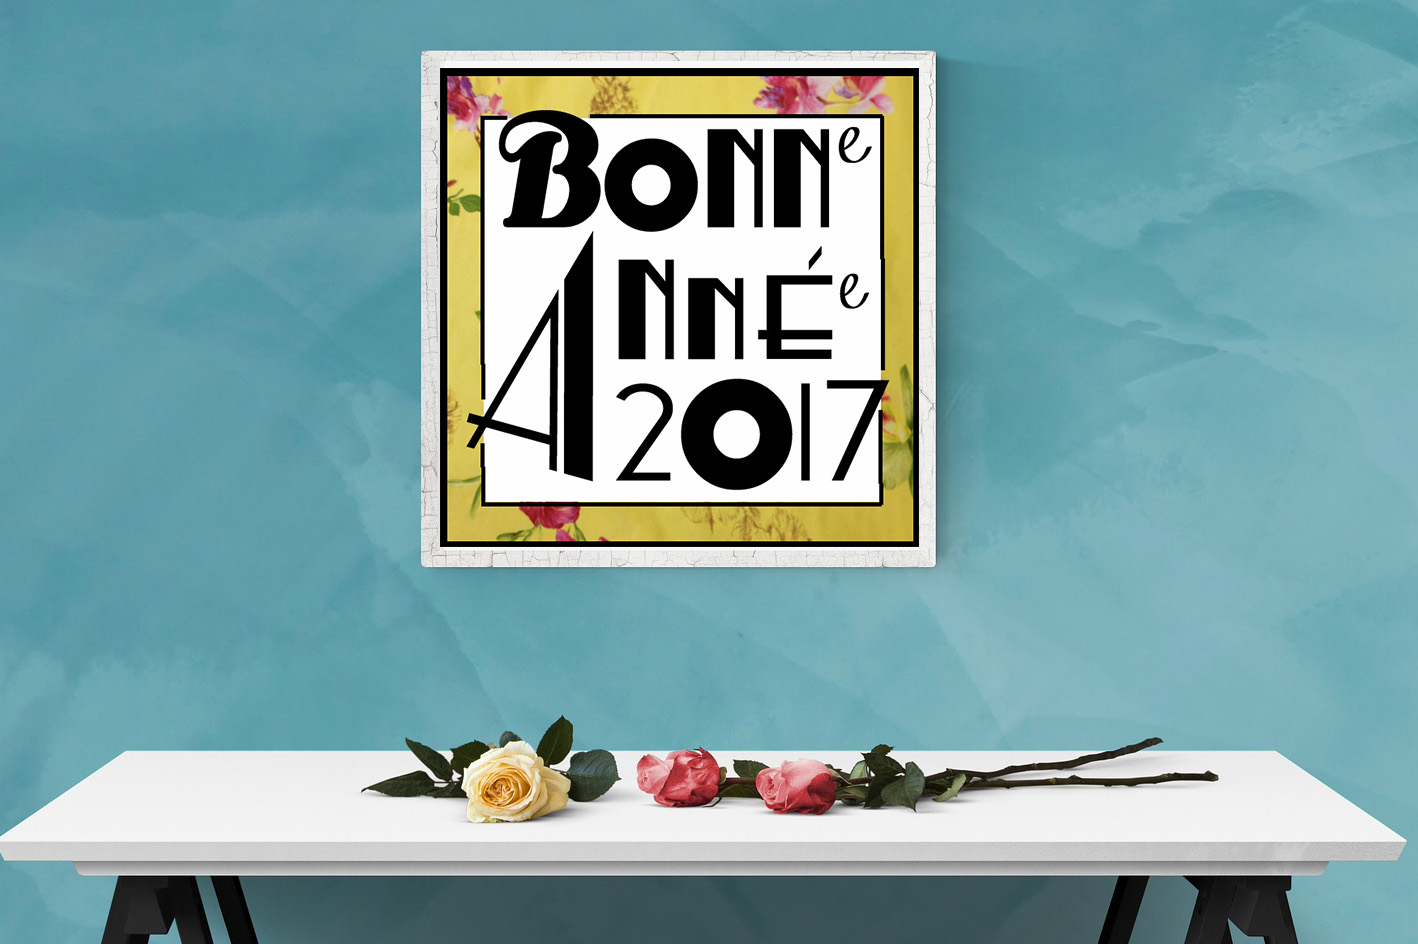 Portfolio-Bonne_année_2017